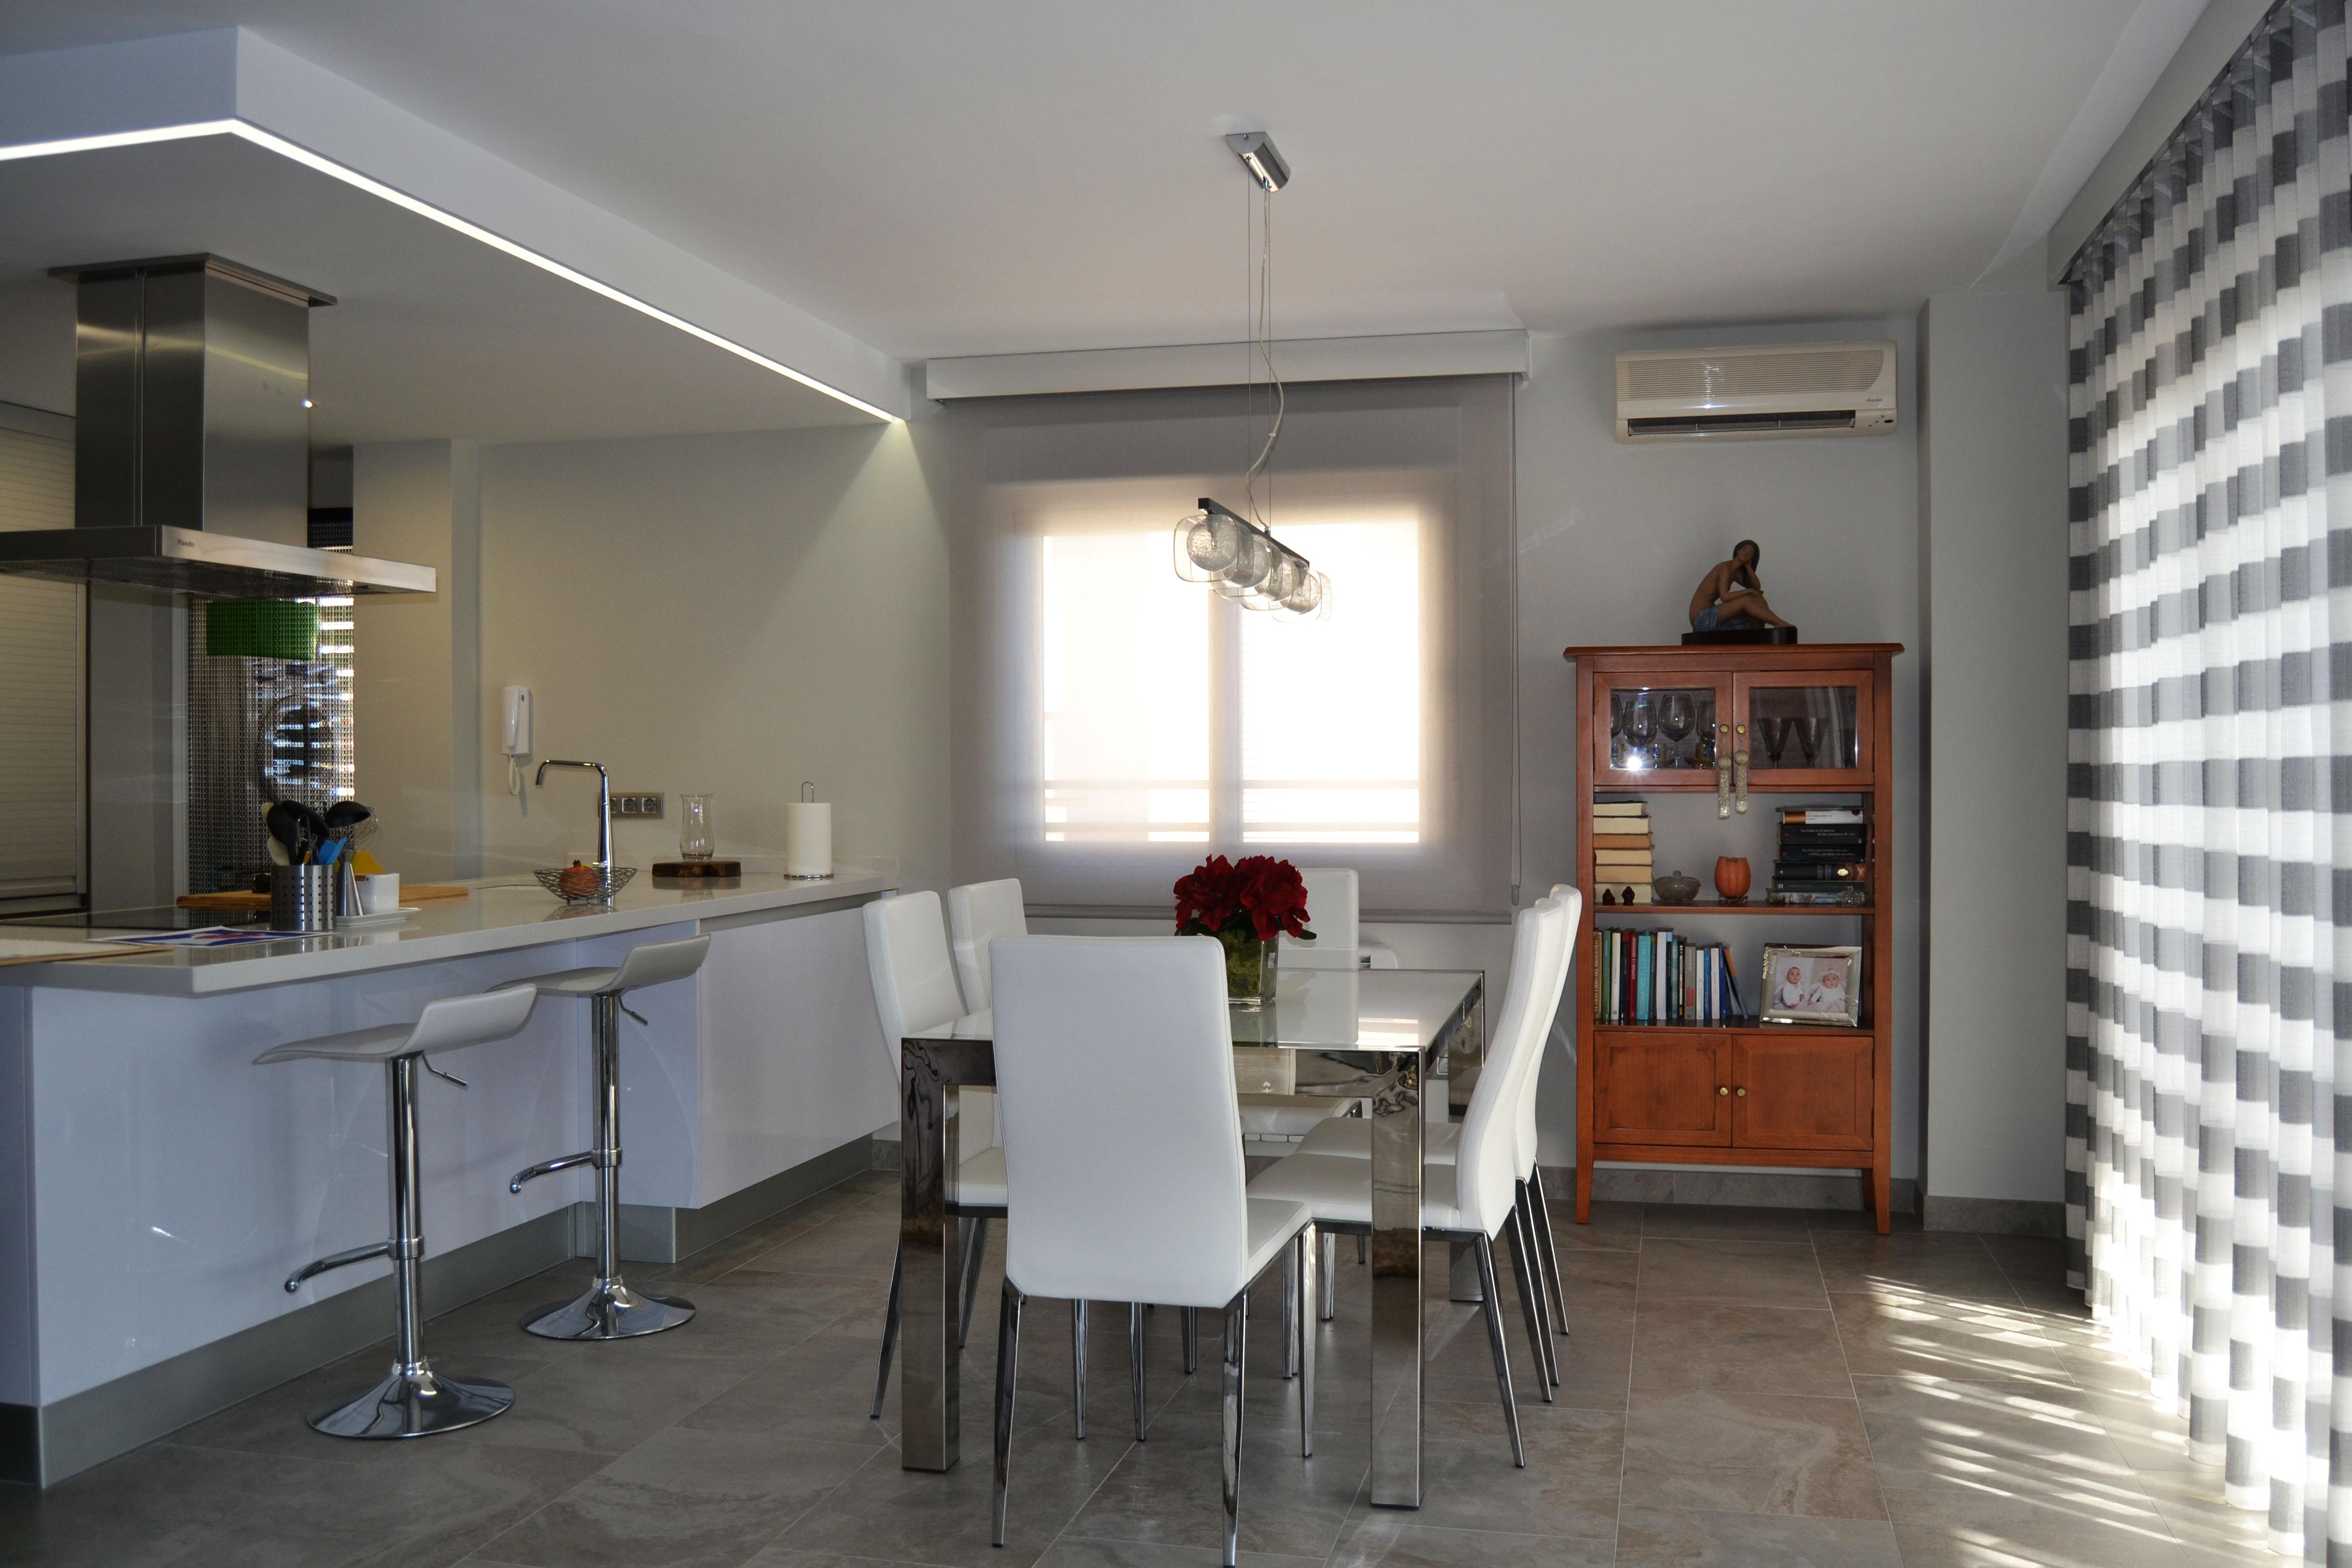 Un sal n moderno con vistas al mar villalba interiorismo - Visillos para salones ...